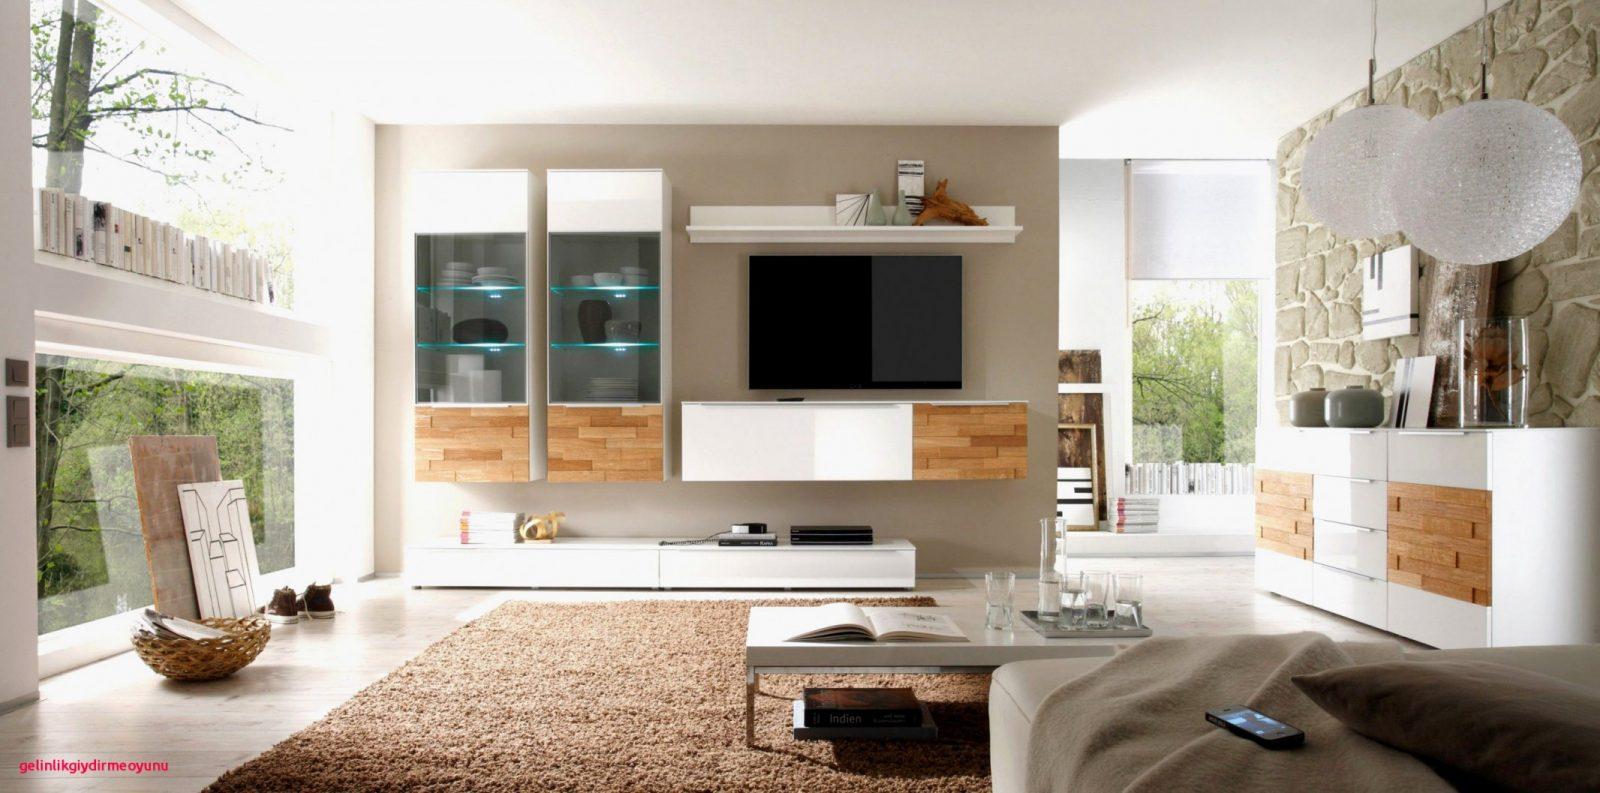 Wohnwand Selbst Zusammenstellen Ikea Minimaliste Wohnzimmer Komplett von Wohnzimmer Komplett Neu Gestalten Ideen Bild